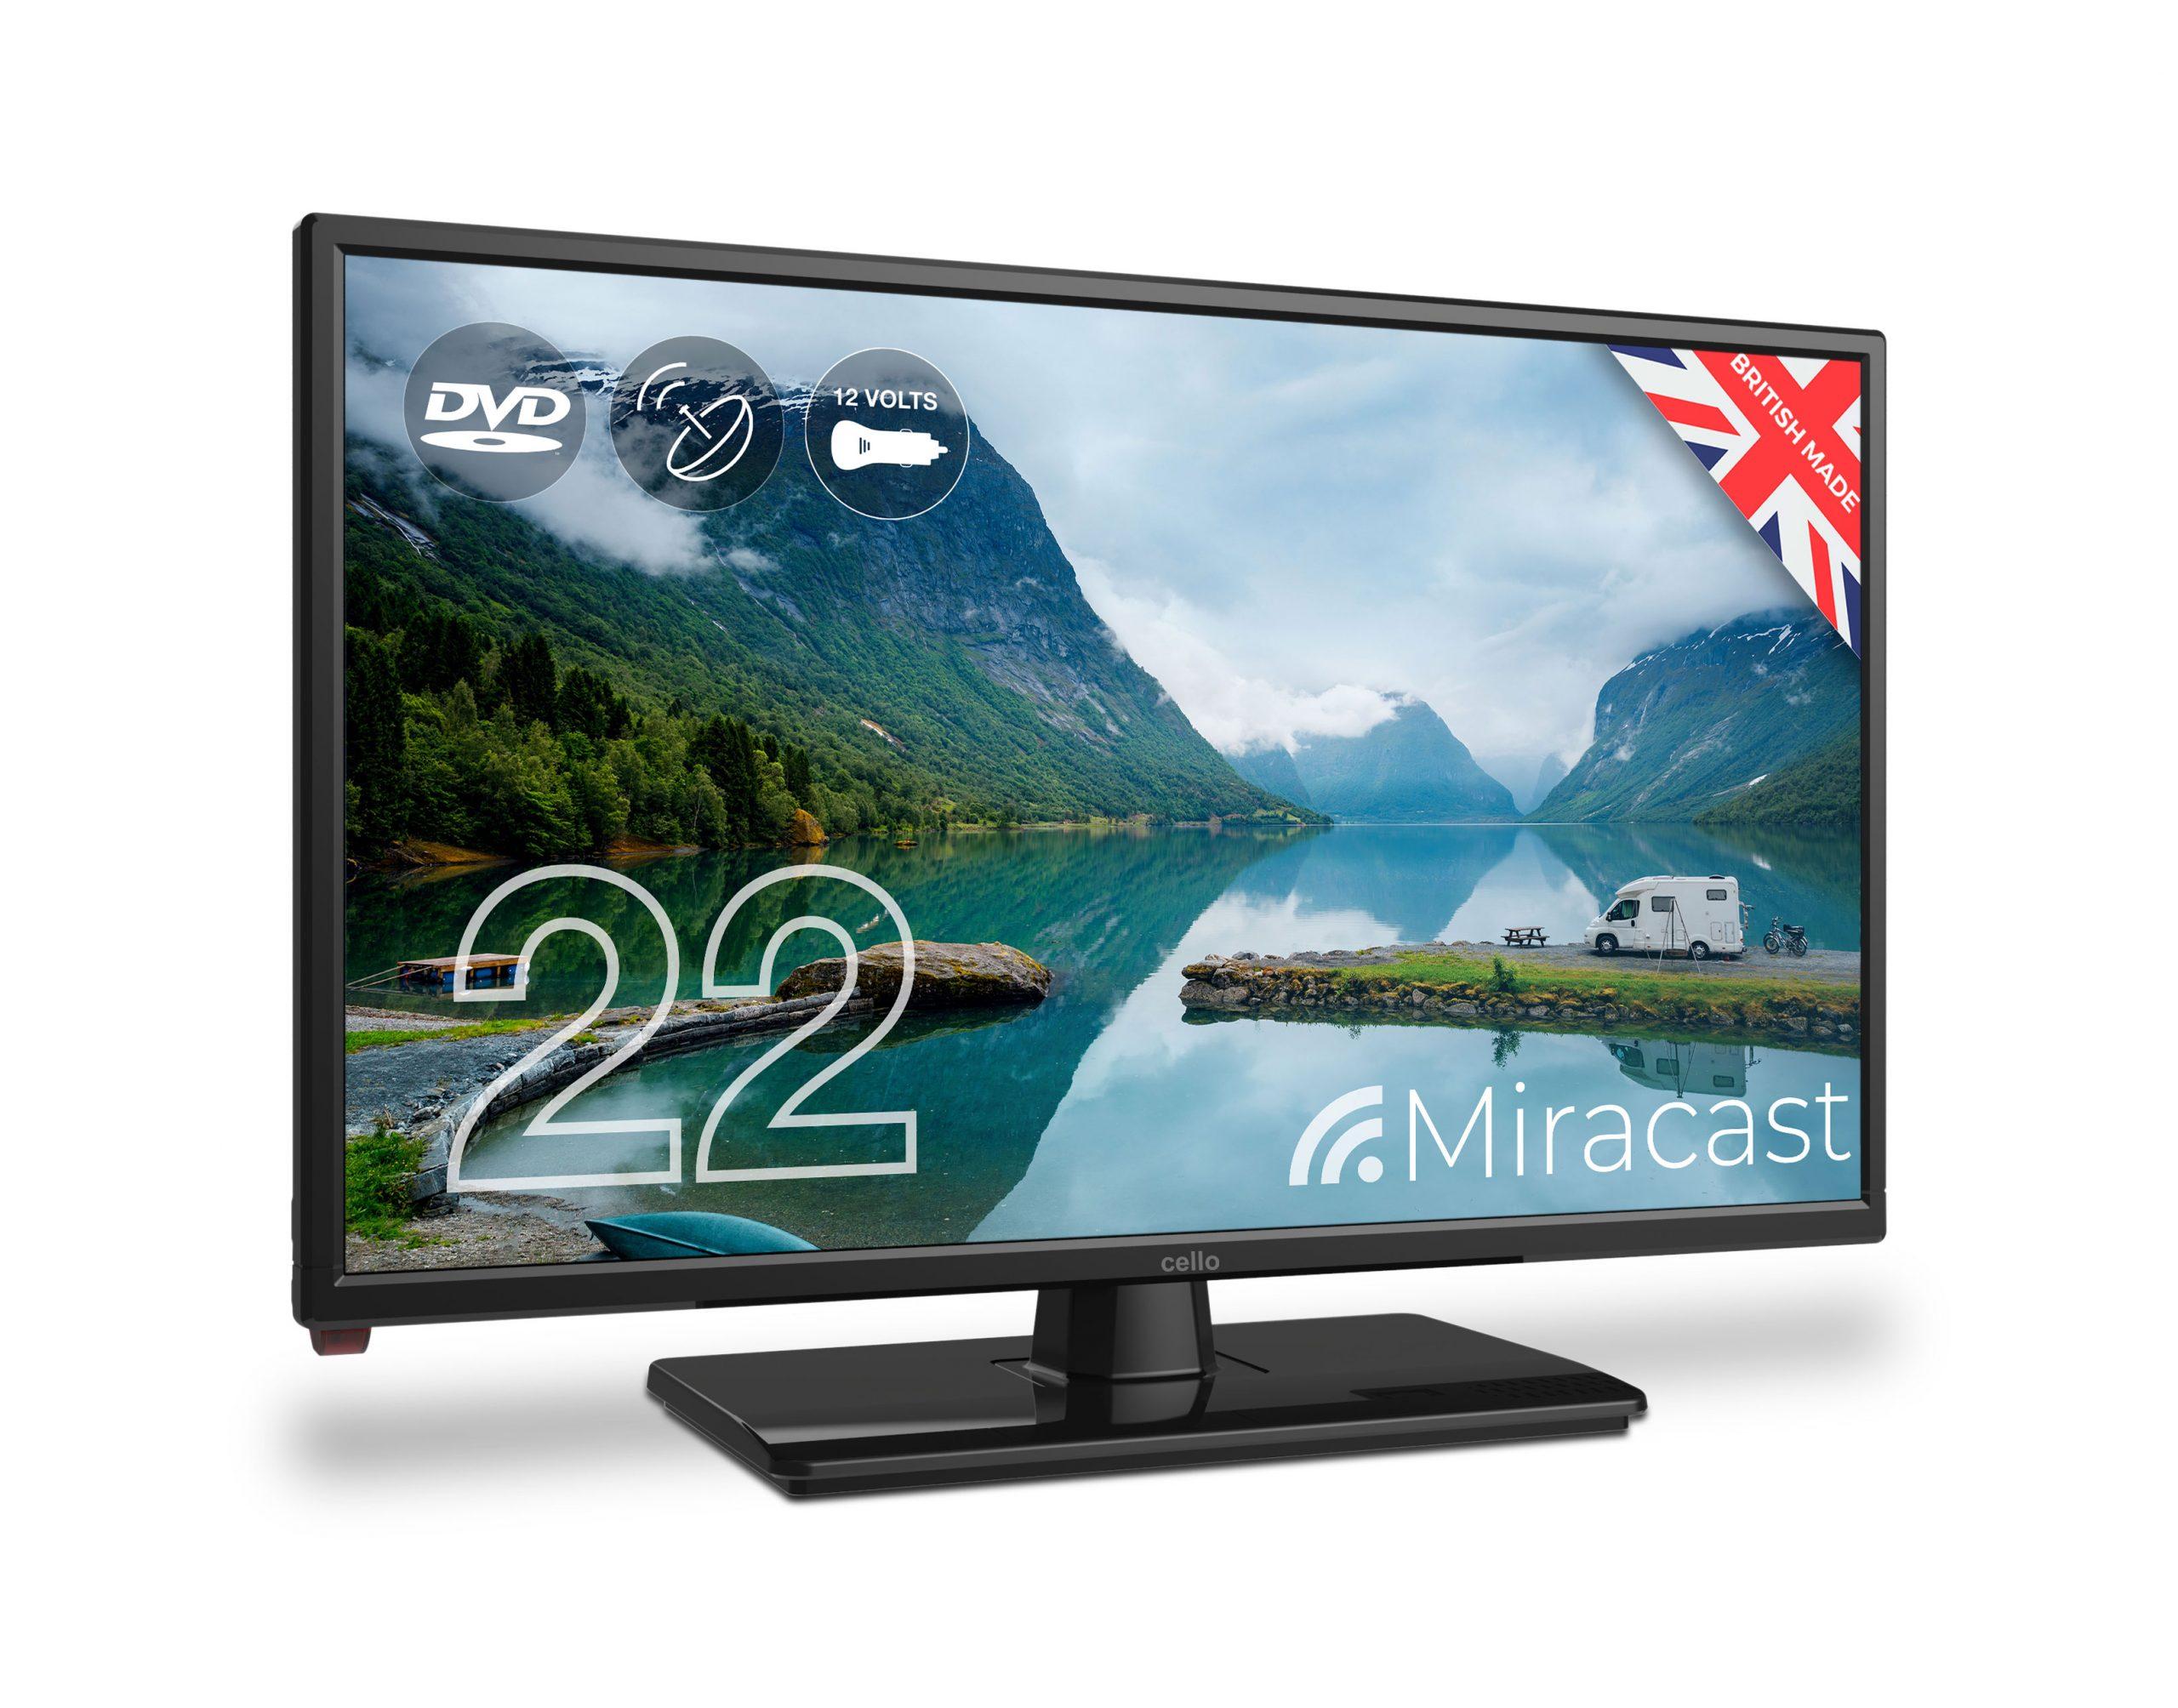 22 Full Hd 12v Traveller Tv With Dvd Player Satellite Tuner Miracast Cello Electronics Uk Ltd